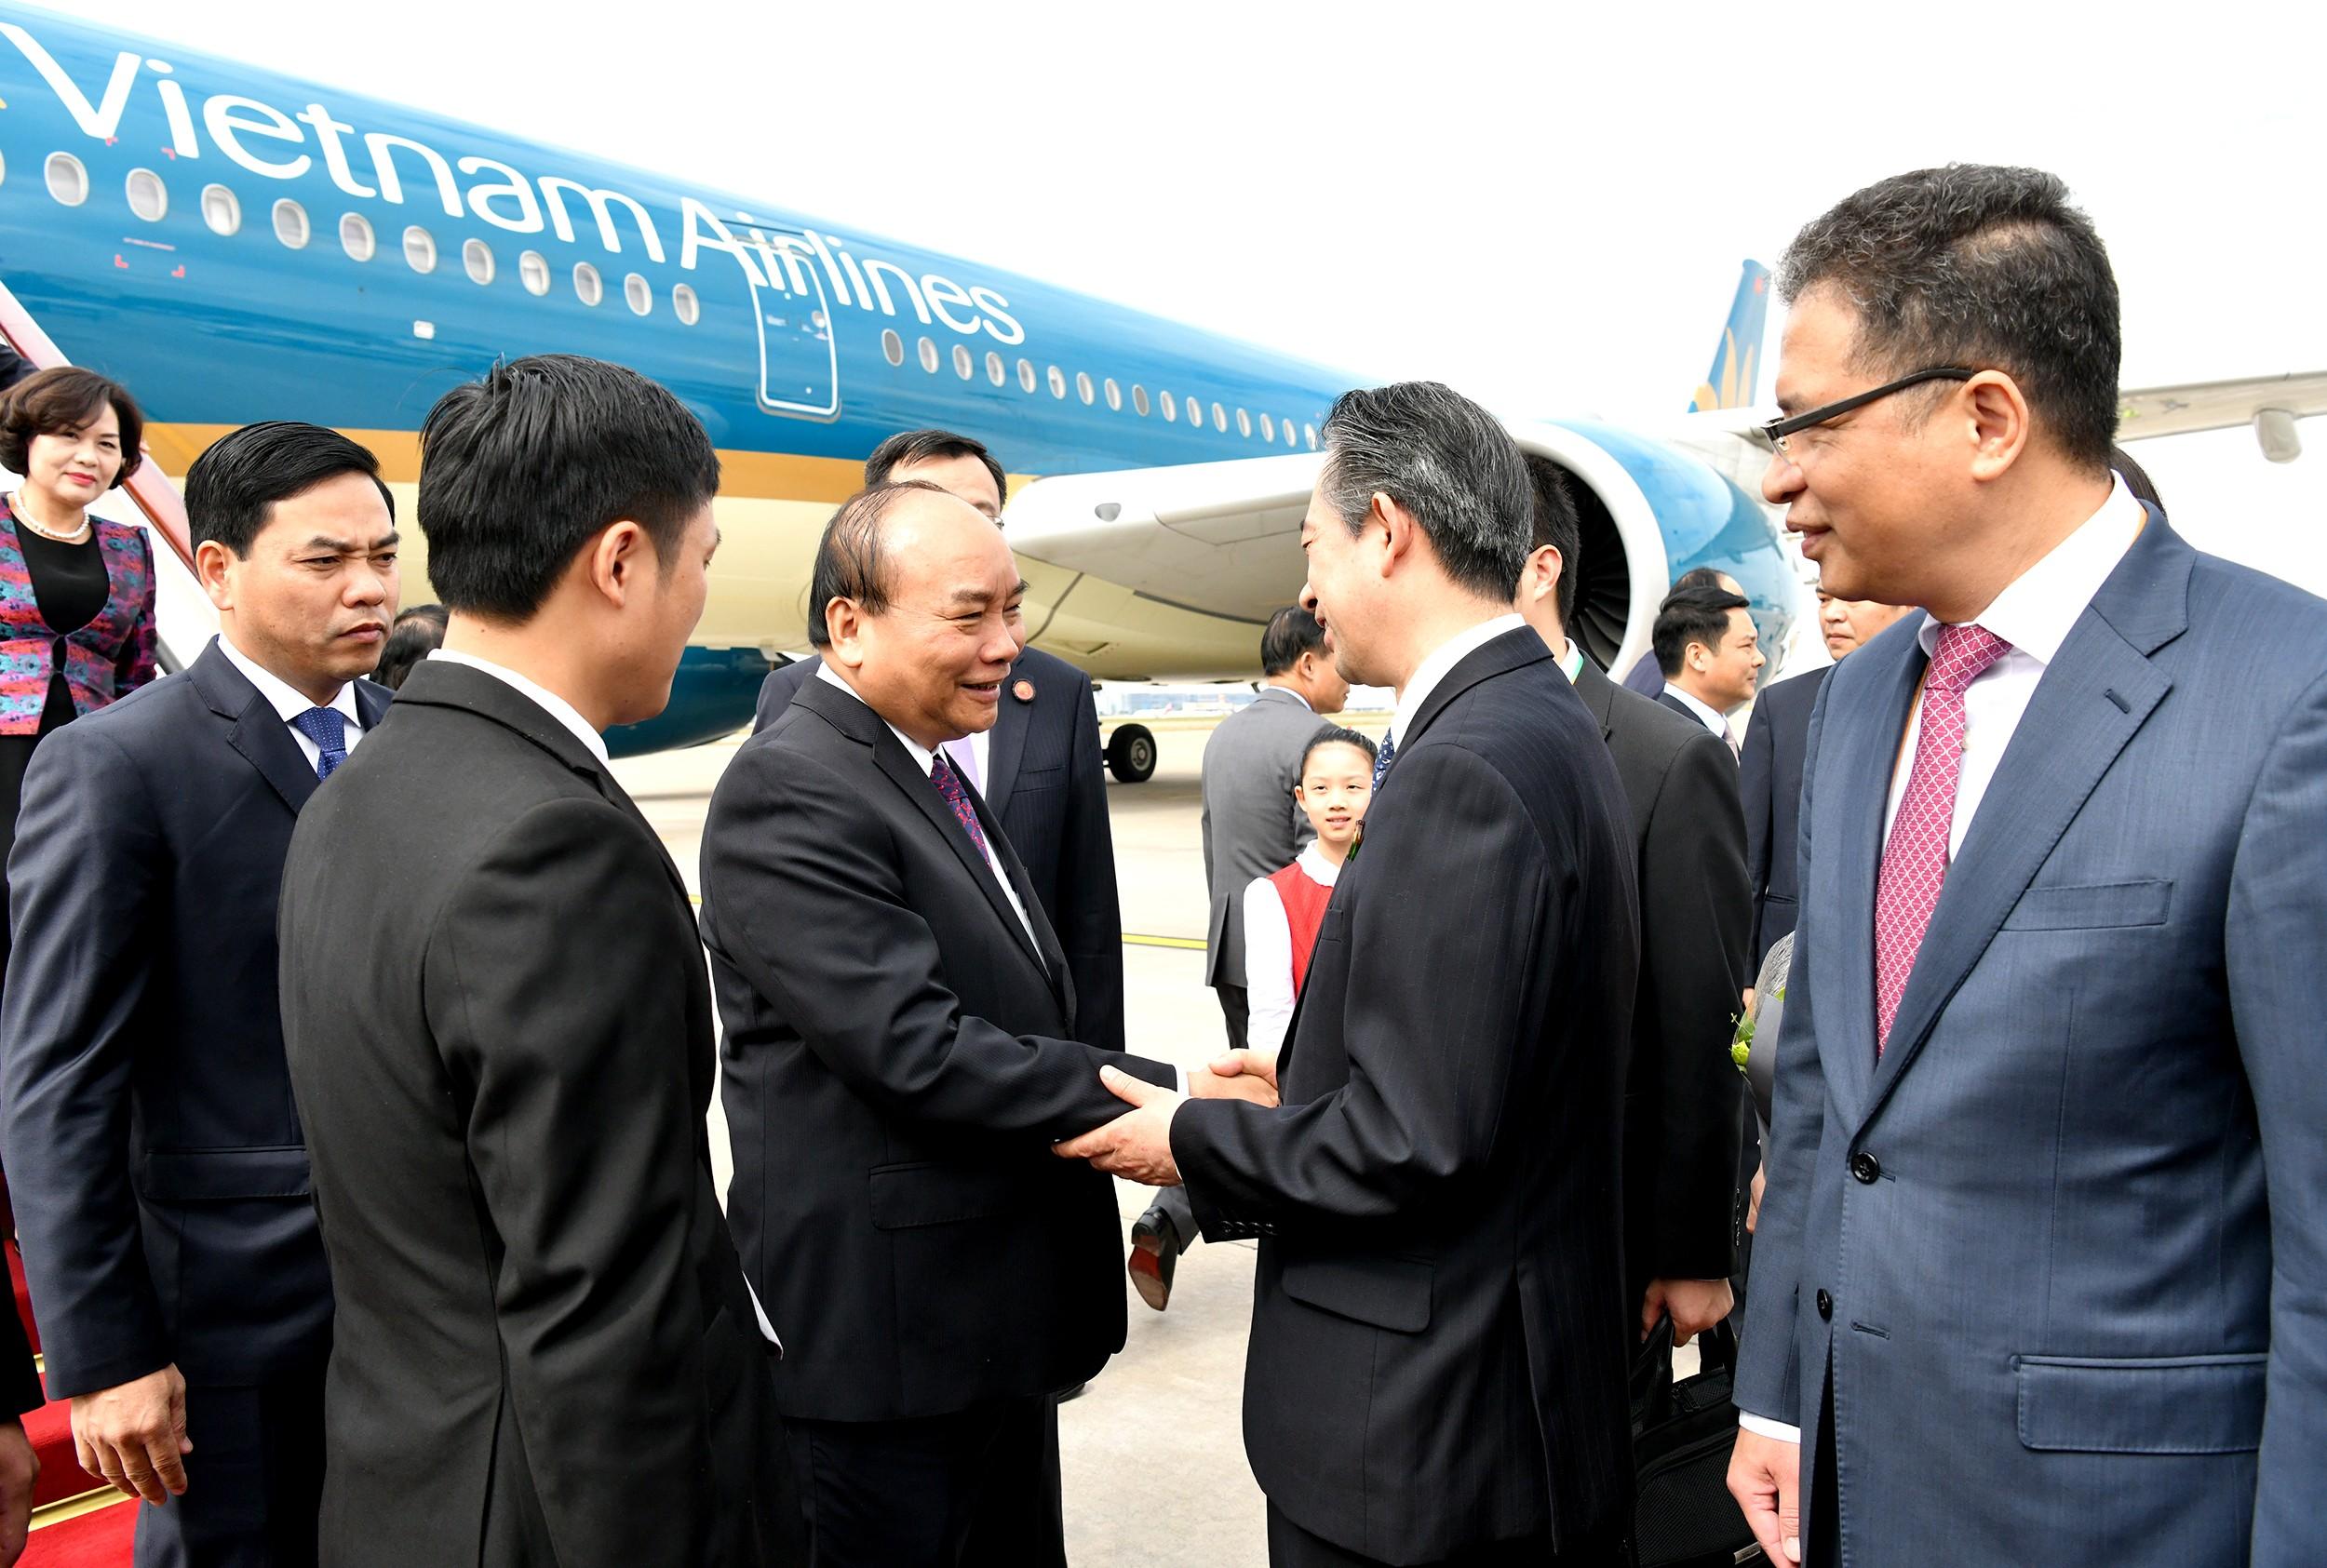 Thủ tướng đã đến Thượng Hải, bắt đầu chuyến tham dự CIIE 2018 - Ảnh 2